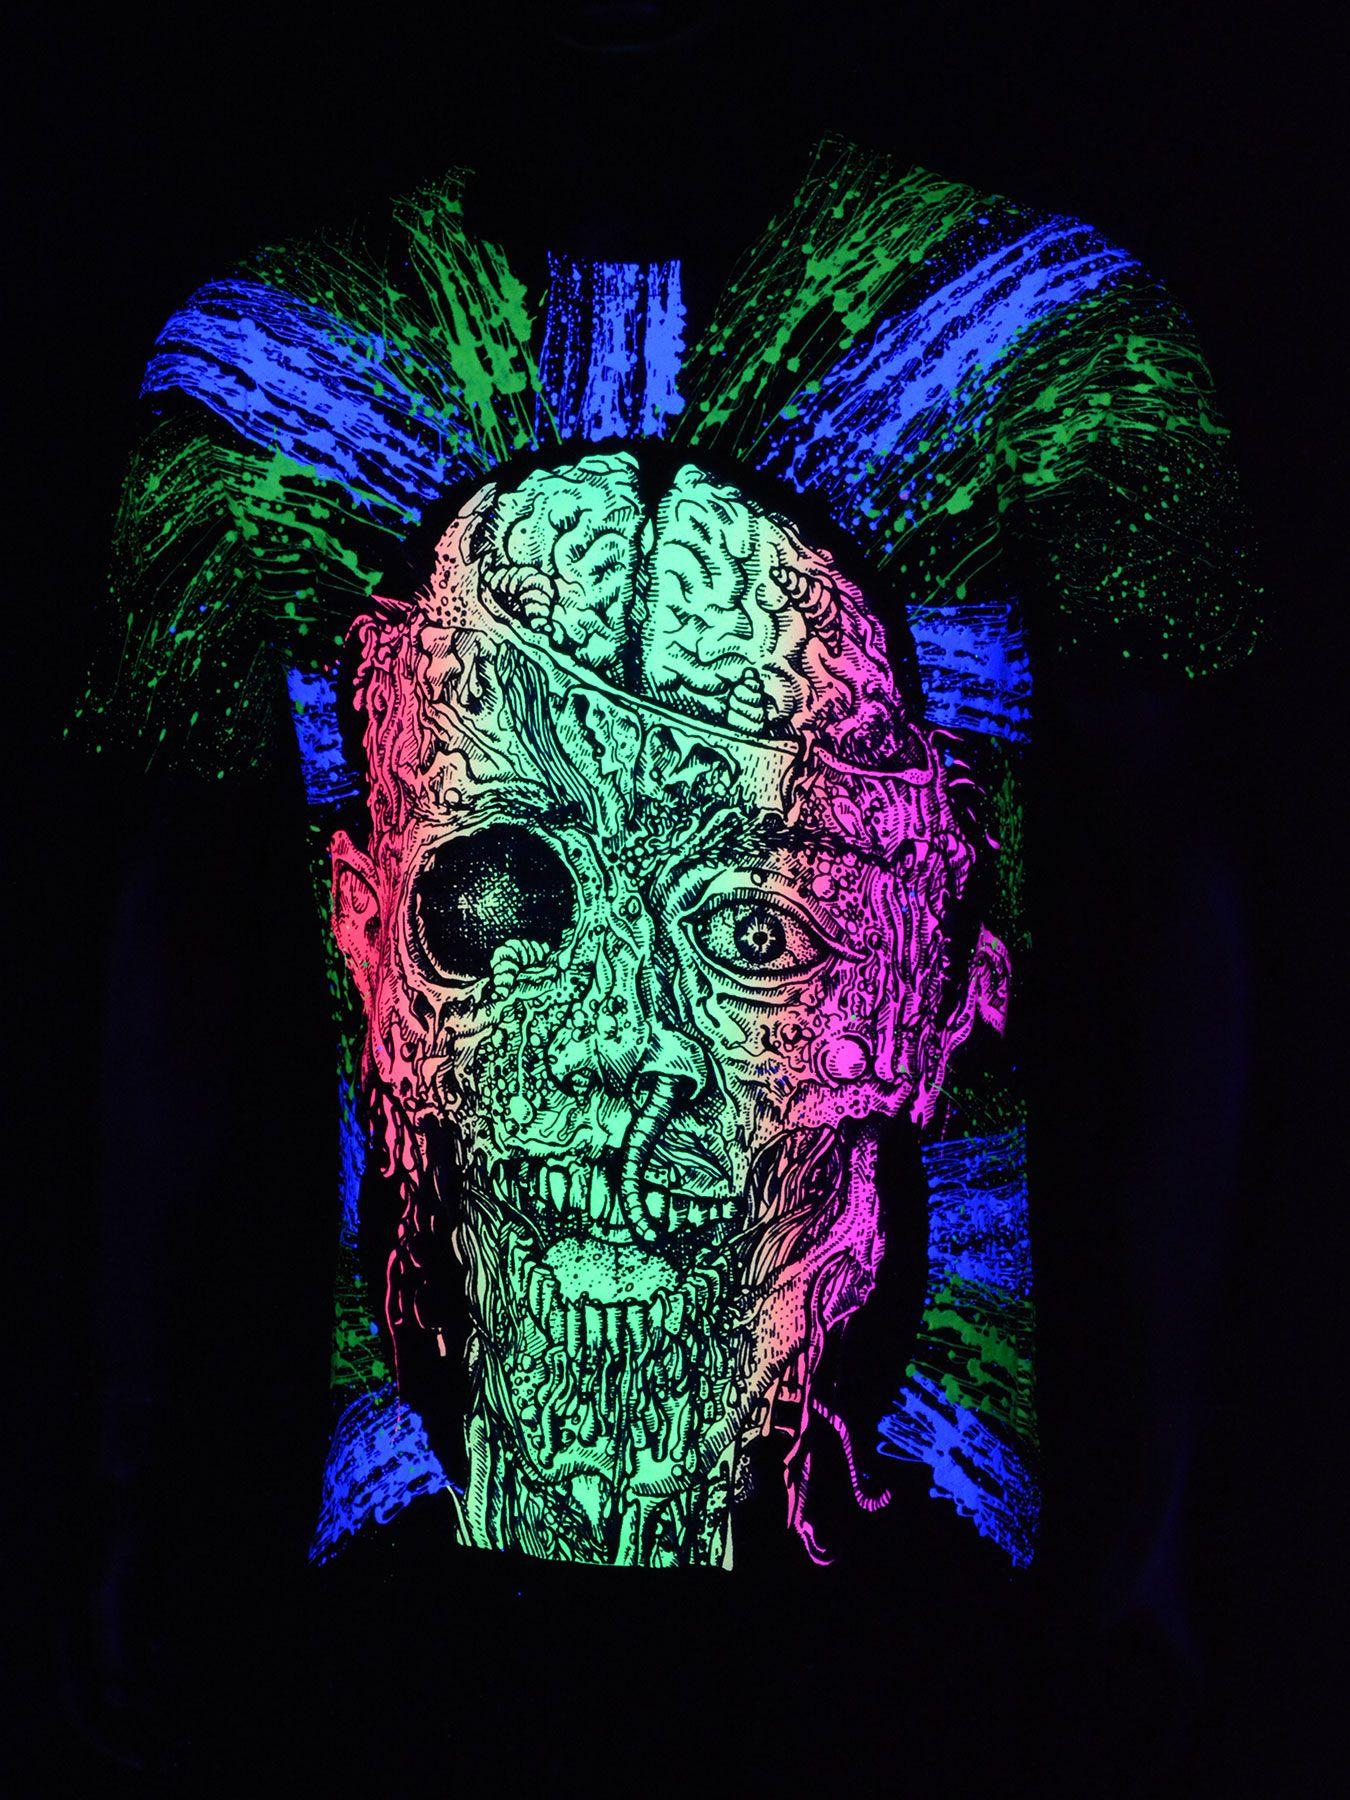 Black light t shirt ideas - Schwarzlicht T Shirt Neon Gurt Zombie Black Blacklight Schwarzlicht Neon